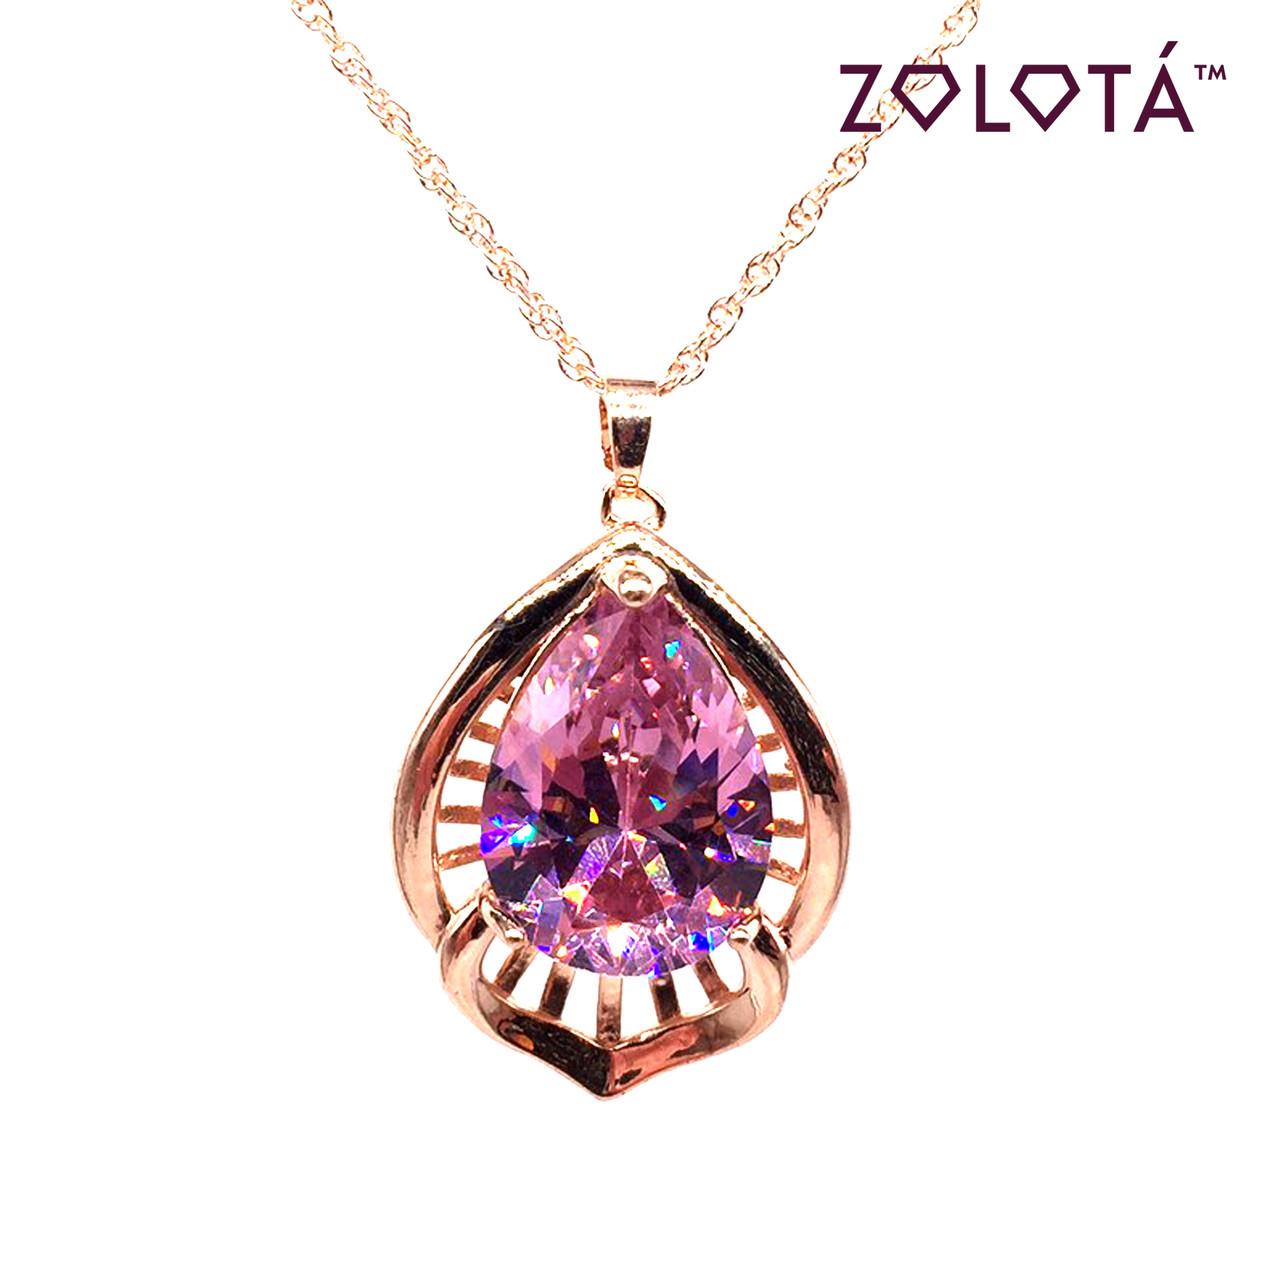 Подвеска на цепочке с розовым фианитом (куб. цирконием), из медцинского золота, в позолоте, ЗЛ00259 (1)